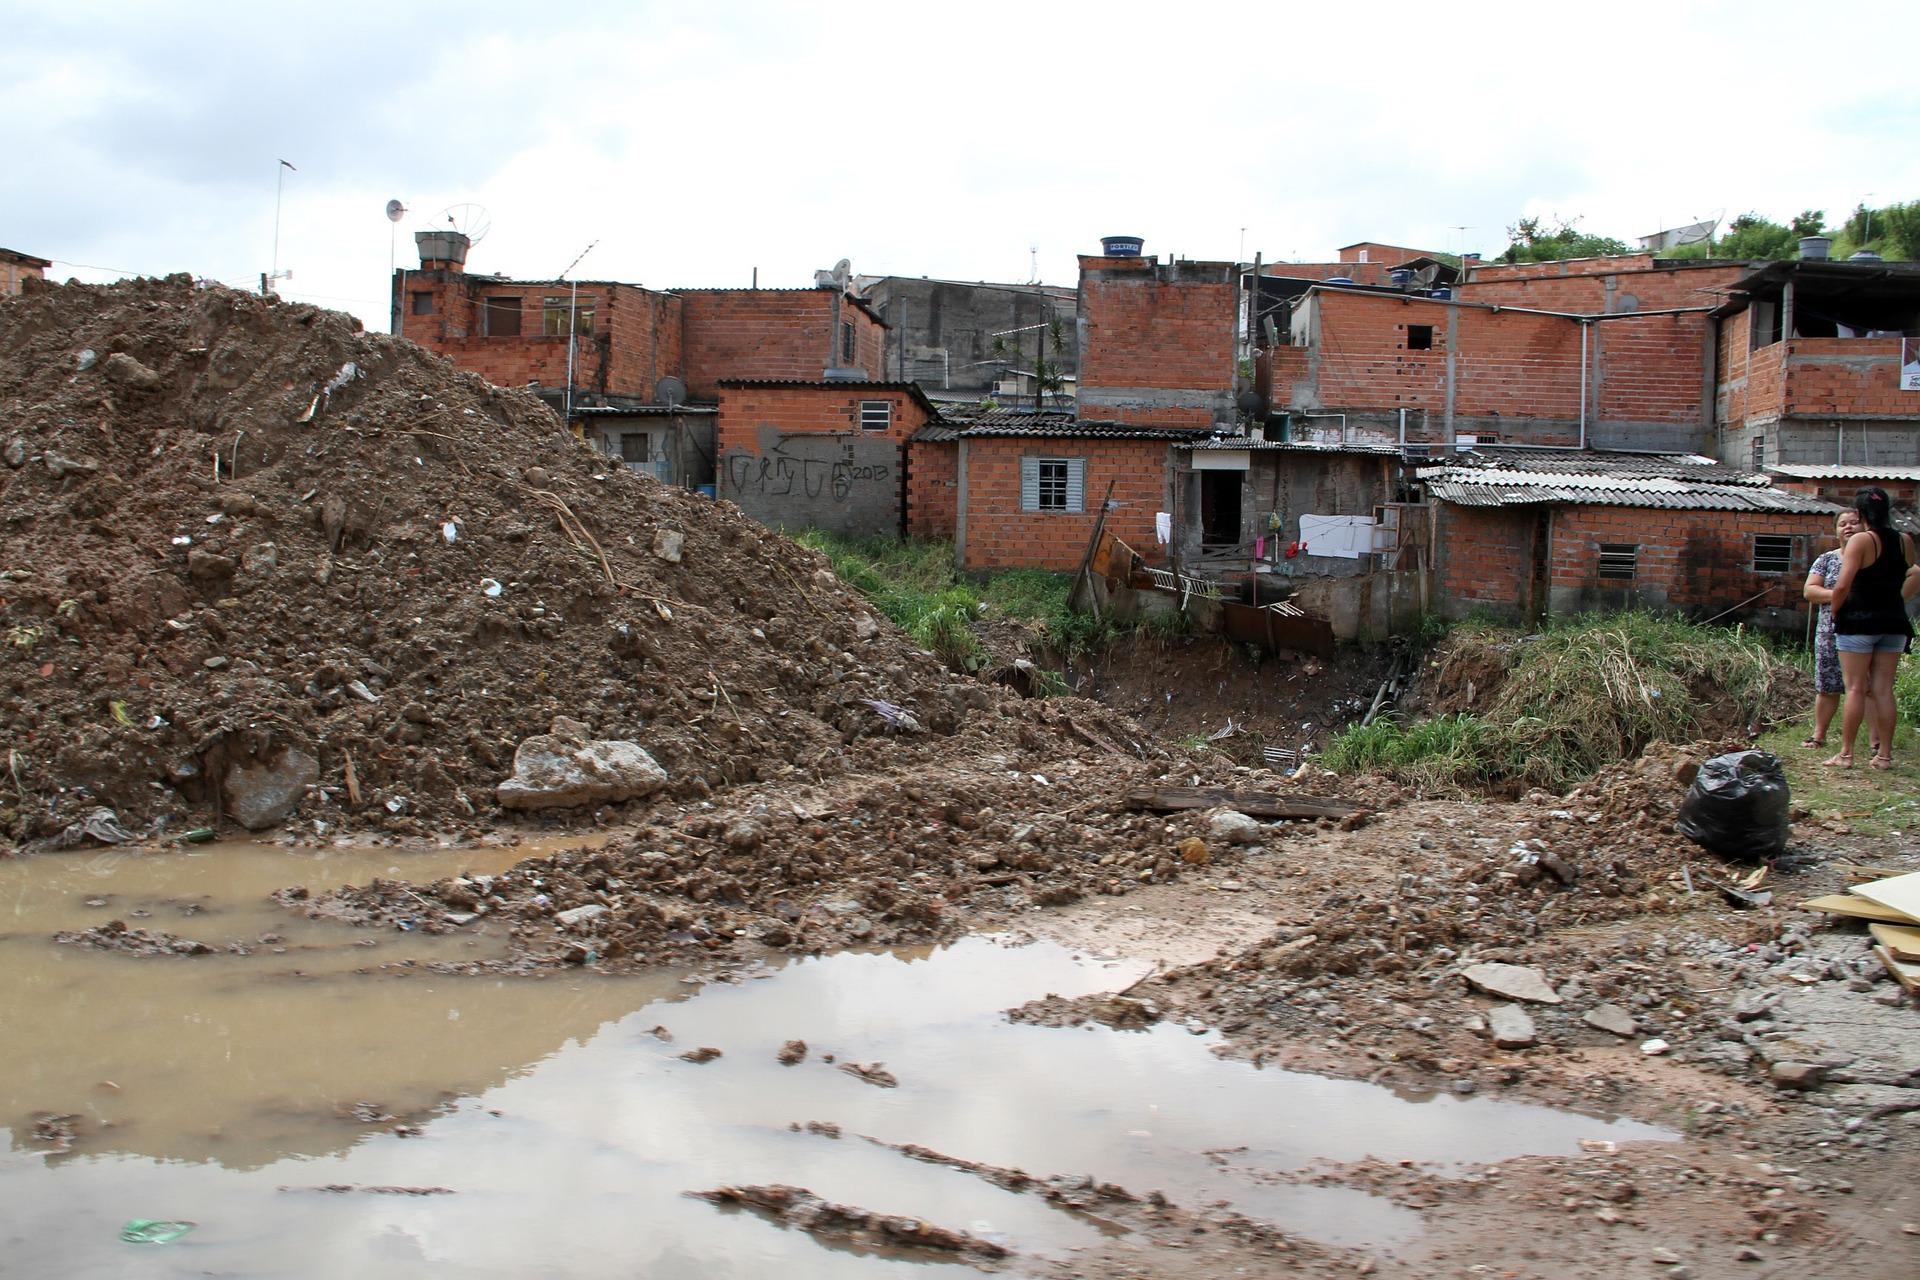 La eliminación de efluentes sanitarios no tratados en el suelo es una práctica común en varios lugares del mundo